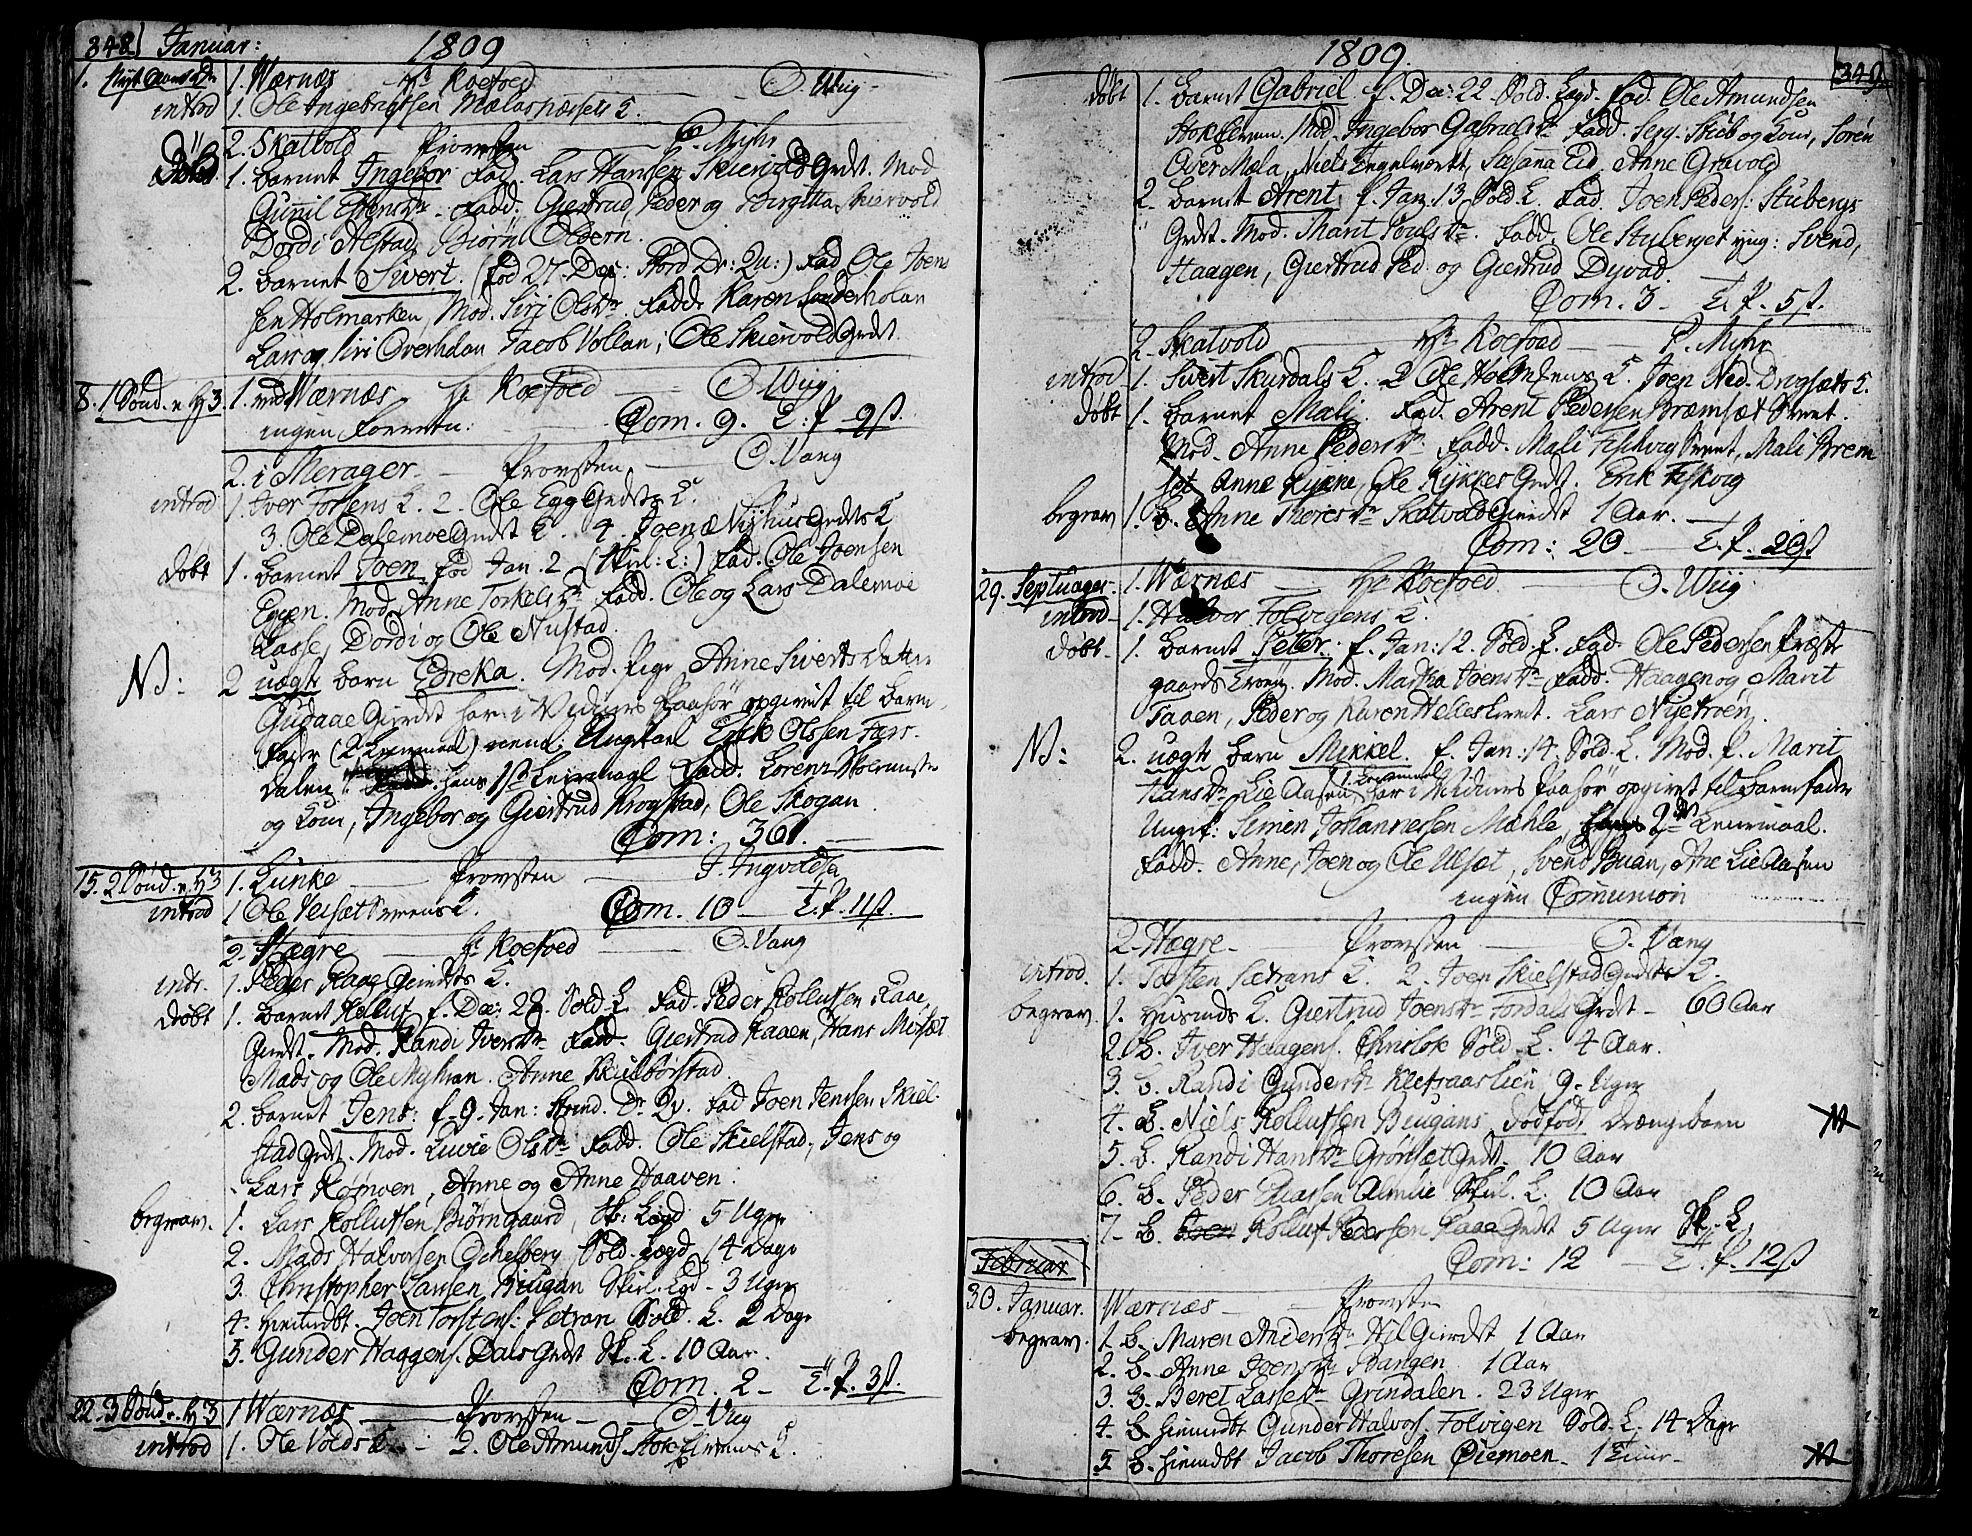 SAT, Ministerialprotokoller, klokkerbøker og fødselsregistre - Nord-Trøndelag, 709/L0060: Ministerialbok nr. 709A07, 1797-1815, s. 348-349